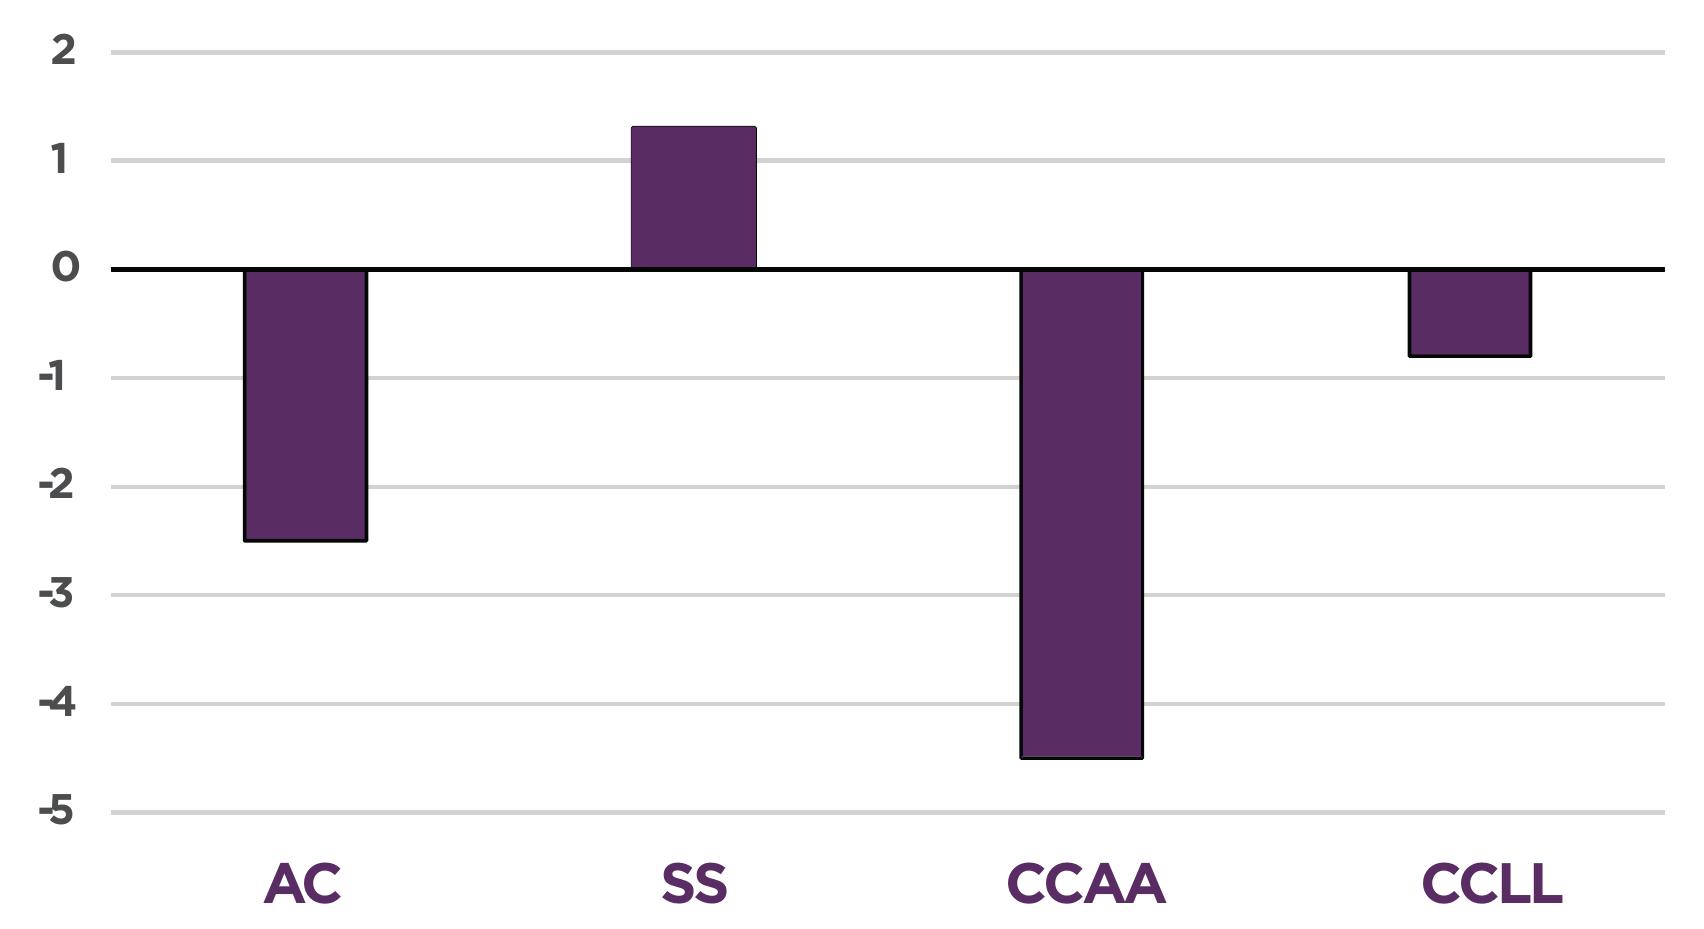 Reducción del déficit público 2017-2011